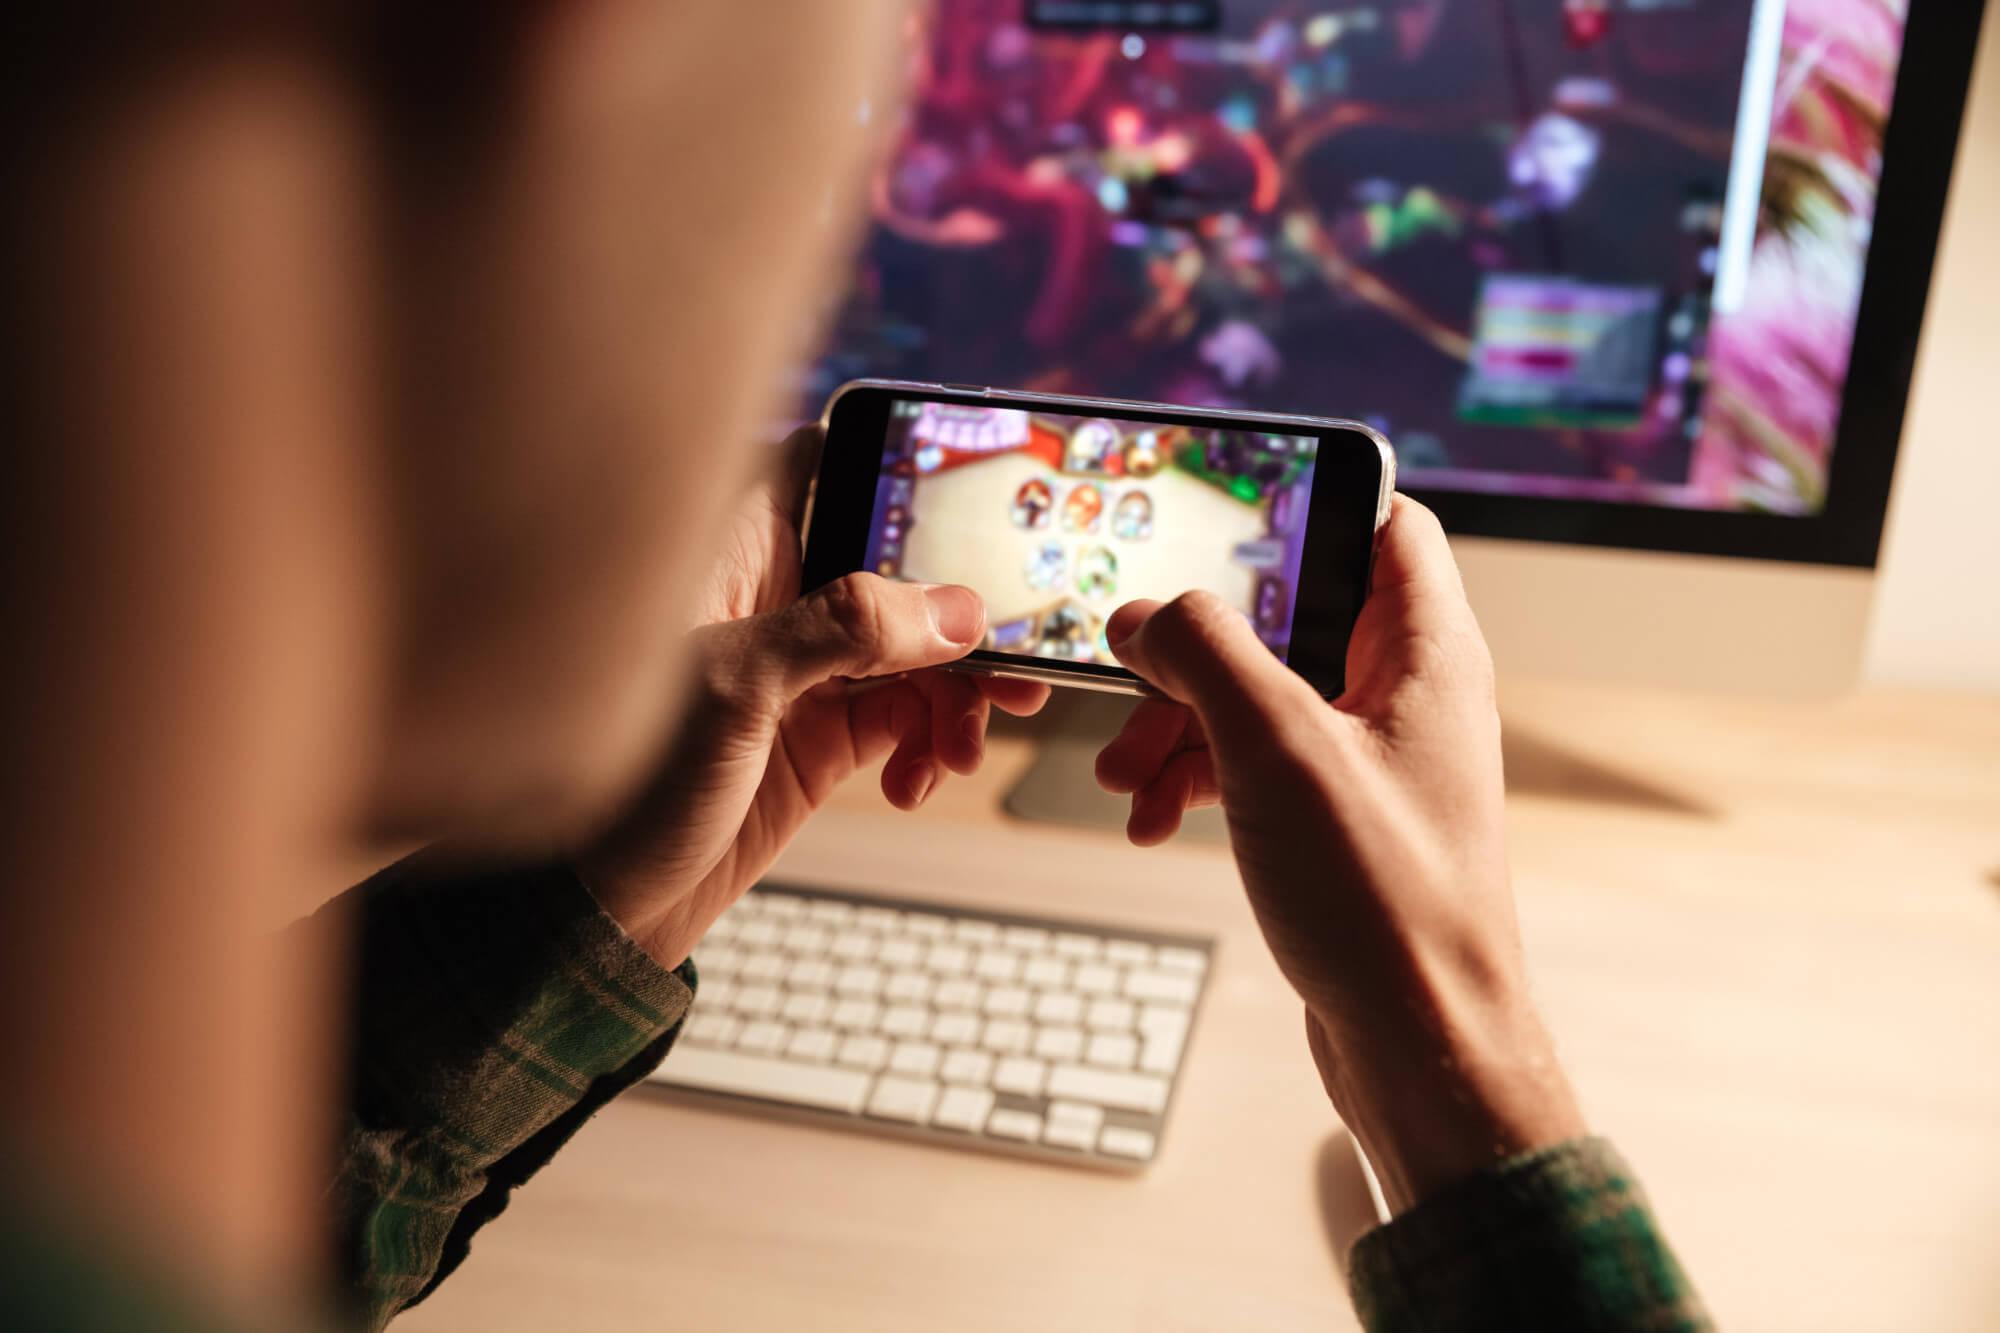 Online gaming portals provide accounts